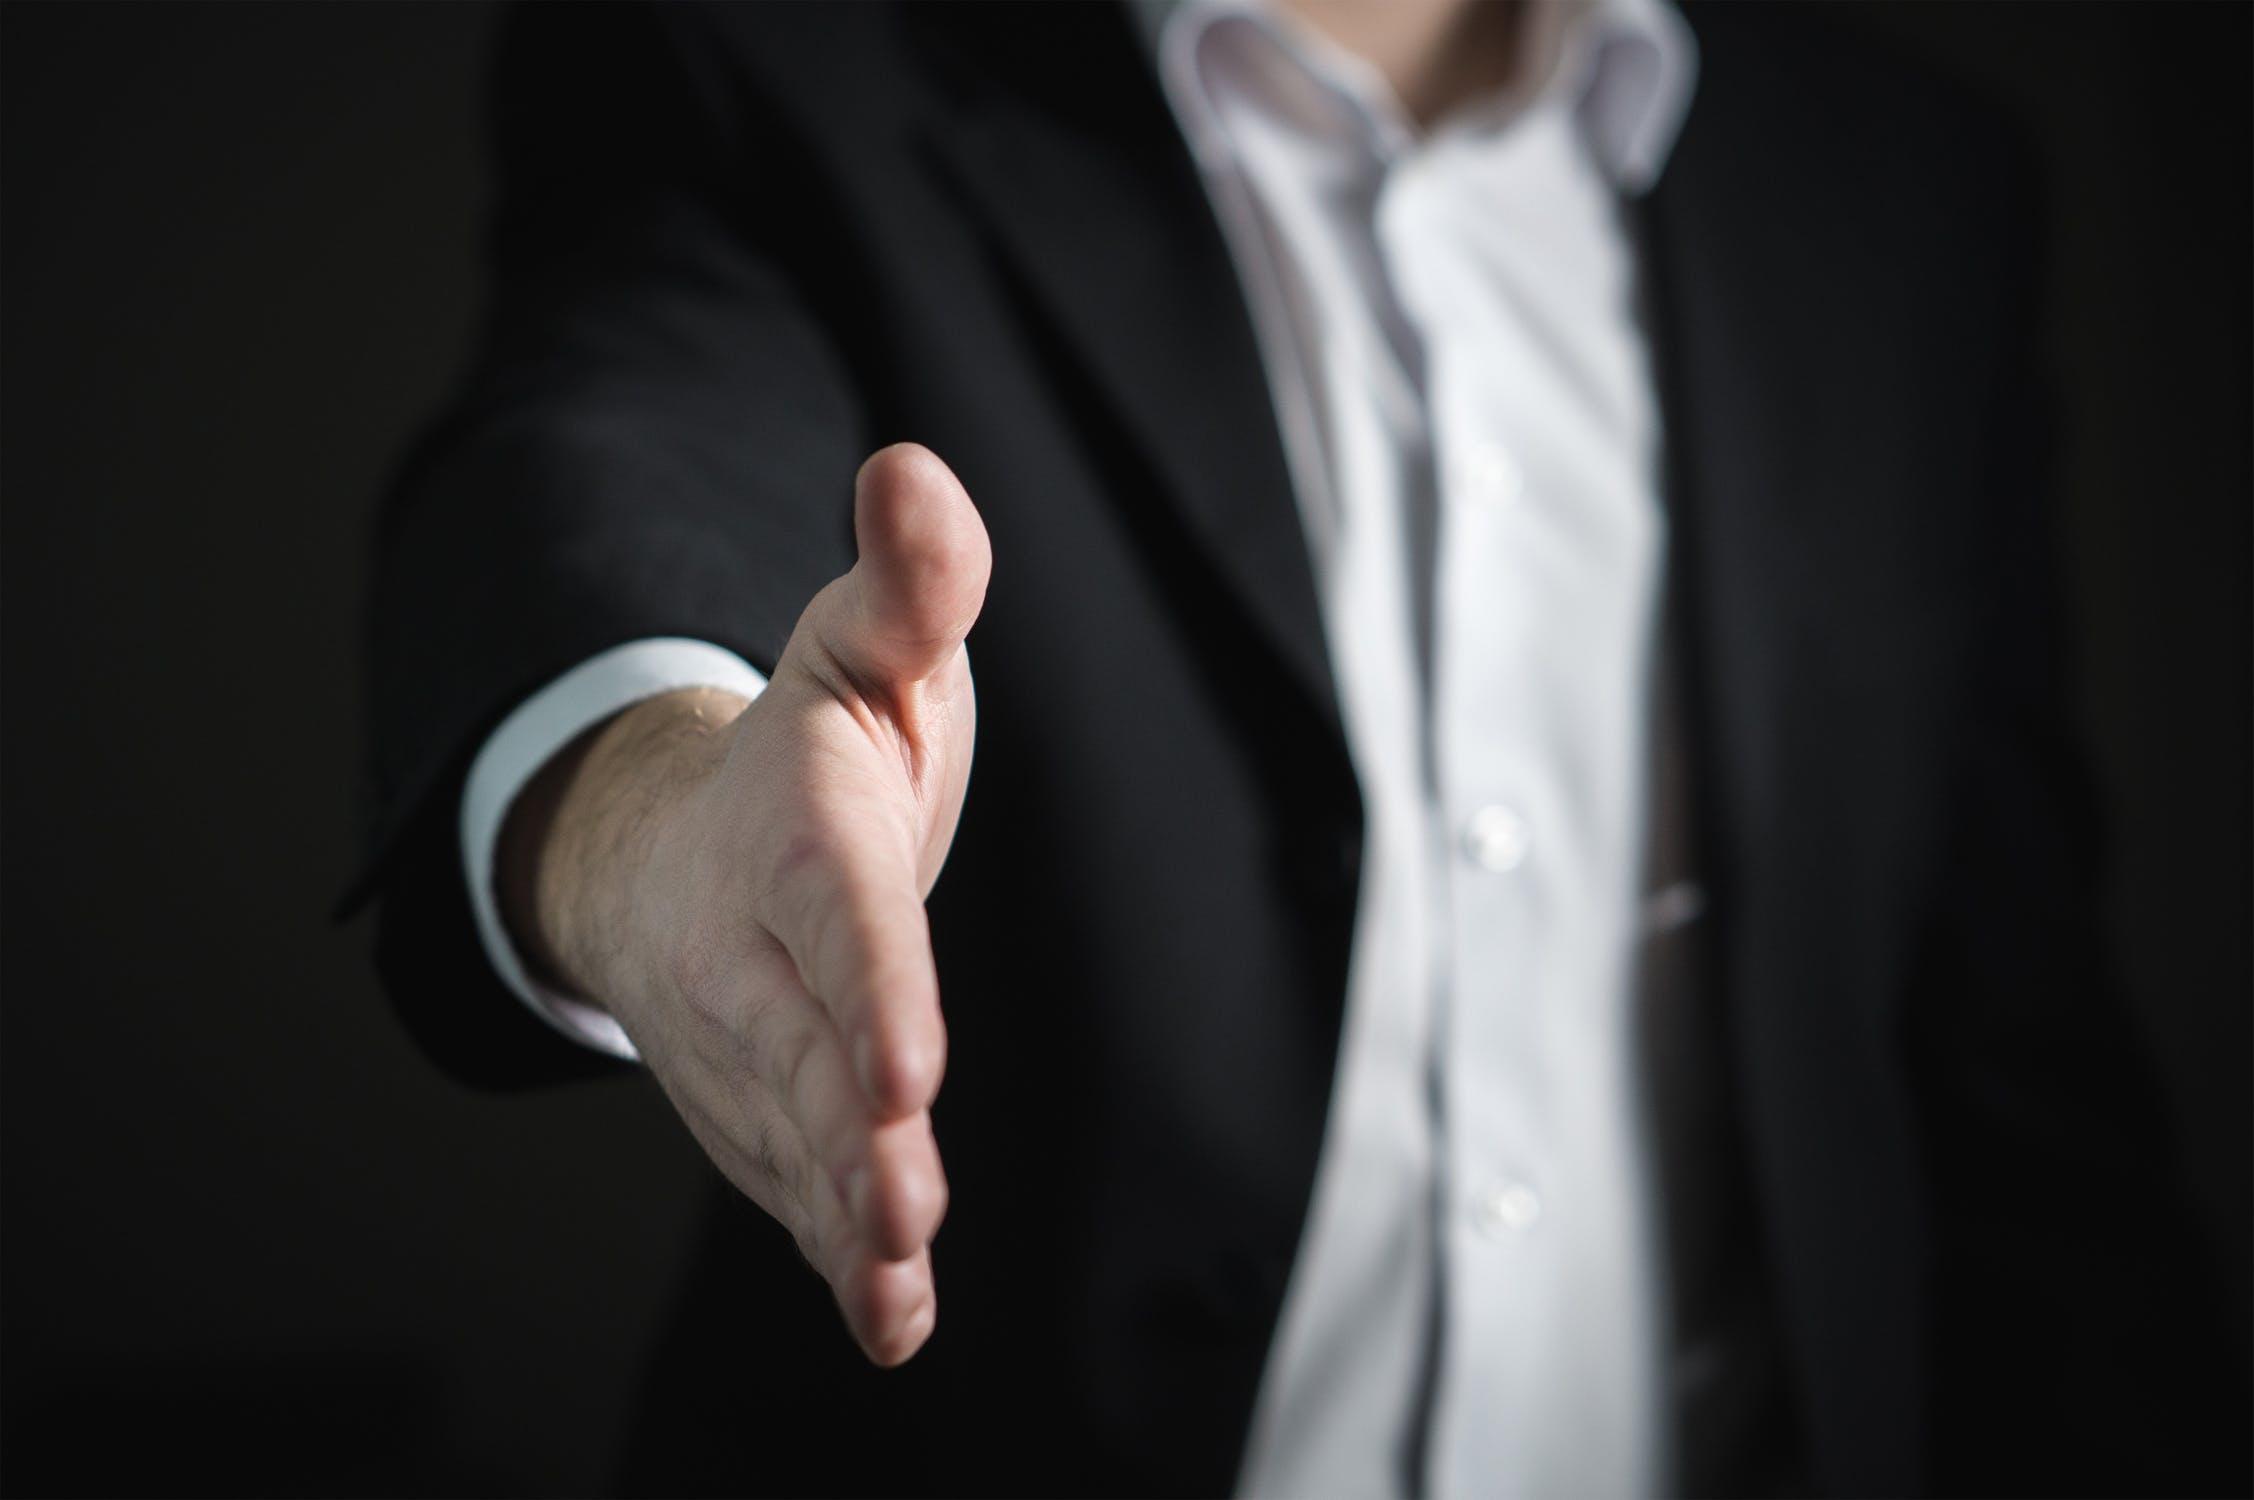 契約の効力発生日が契約日とは限らない|契約効力の発生要件を考える